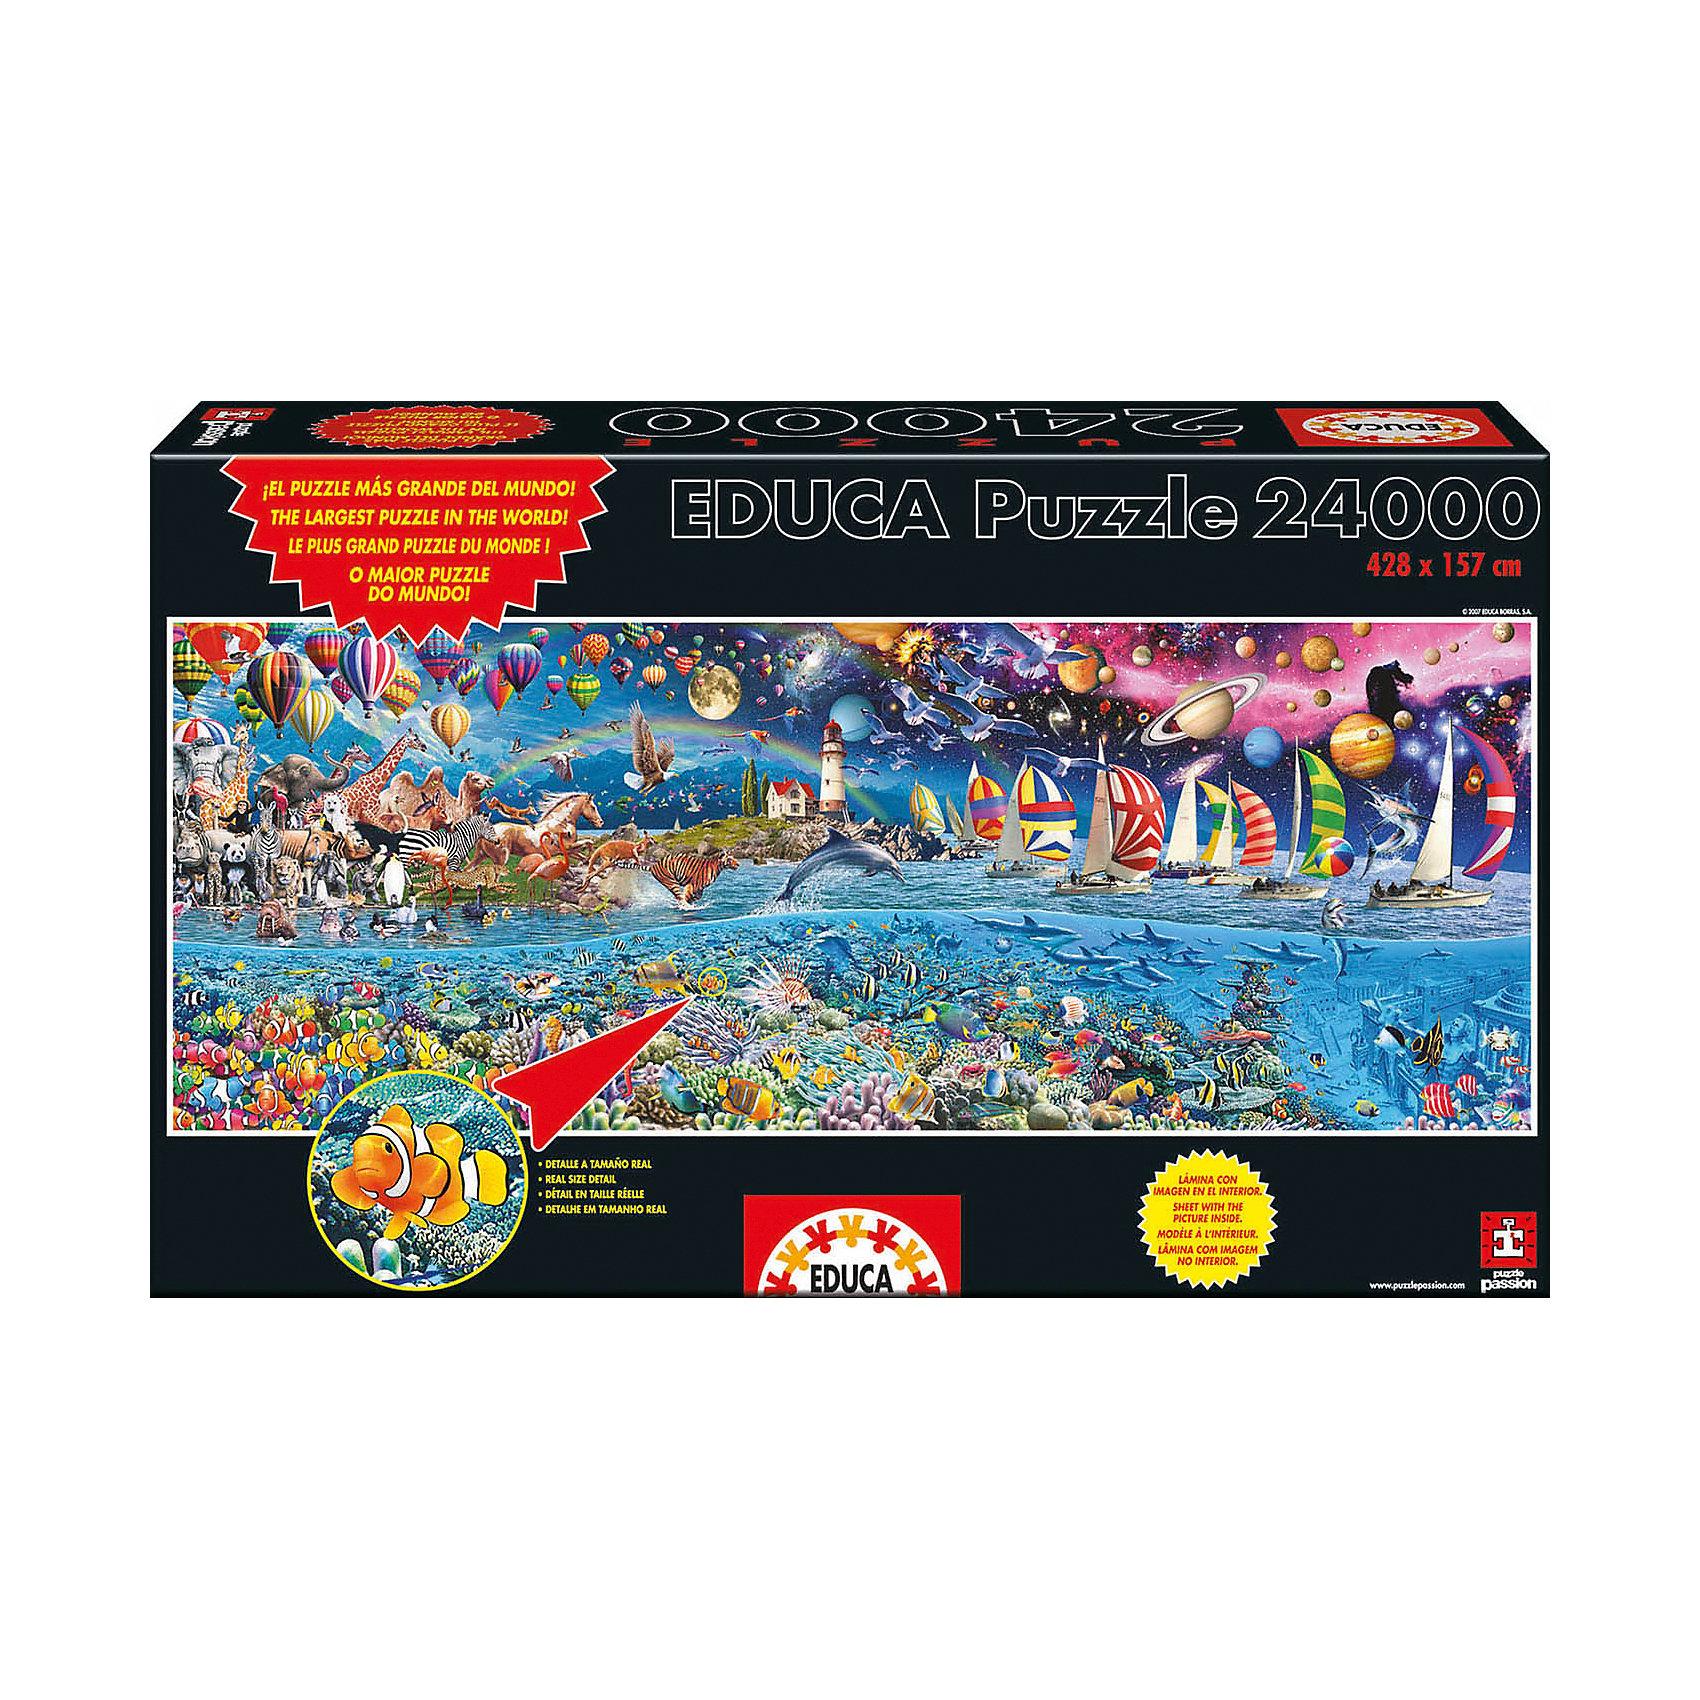 Пазл Жизнь, 24000 деталей, EducaКлассические пазлы<br>Характеристики товара:<br><br>• возраст: от 3 лет;<br>• материал: картон;<br>• в комплекте: 24000 деталей;<br>• размер собранного пазла: 428х157 см;<br>• размер упаковки: 56х35х15 см;<br>• вес упаковки: 11,85 кг;<br>• страна производитель: Испания.<br><br>Пазл «Жизнь» Educa — один из самых больших пазлов в мире. Он разделен на 4 тематические части. На каждой изображены животный и подводный миры, корабли, планеты и звезды. В процессе сборки пазла у детей развивается мелкая моторика рук, усидчивость, внимательность к деталям, логическое мышление.<br><br>Пазл «Жизнь» Educa можно приобрести в нашем интернет-магазине.<br><br>Ширина мм: 570<br>Глубина мм: 340<br>Высота мм: 250<br>Вес г: 11850<br>Возраст от месяцев: 144<br>Возраст до месяцев: 2147483647<br>Пол: Унисекс<br>Возраст: Детский<br>SKU: 5478578